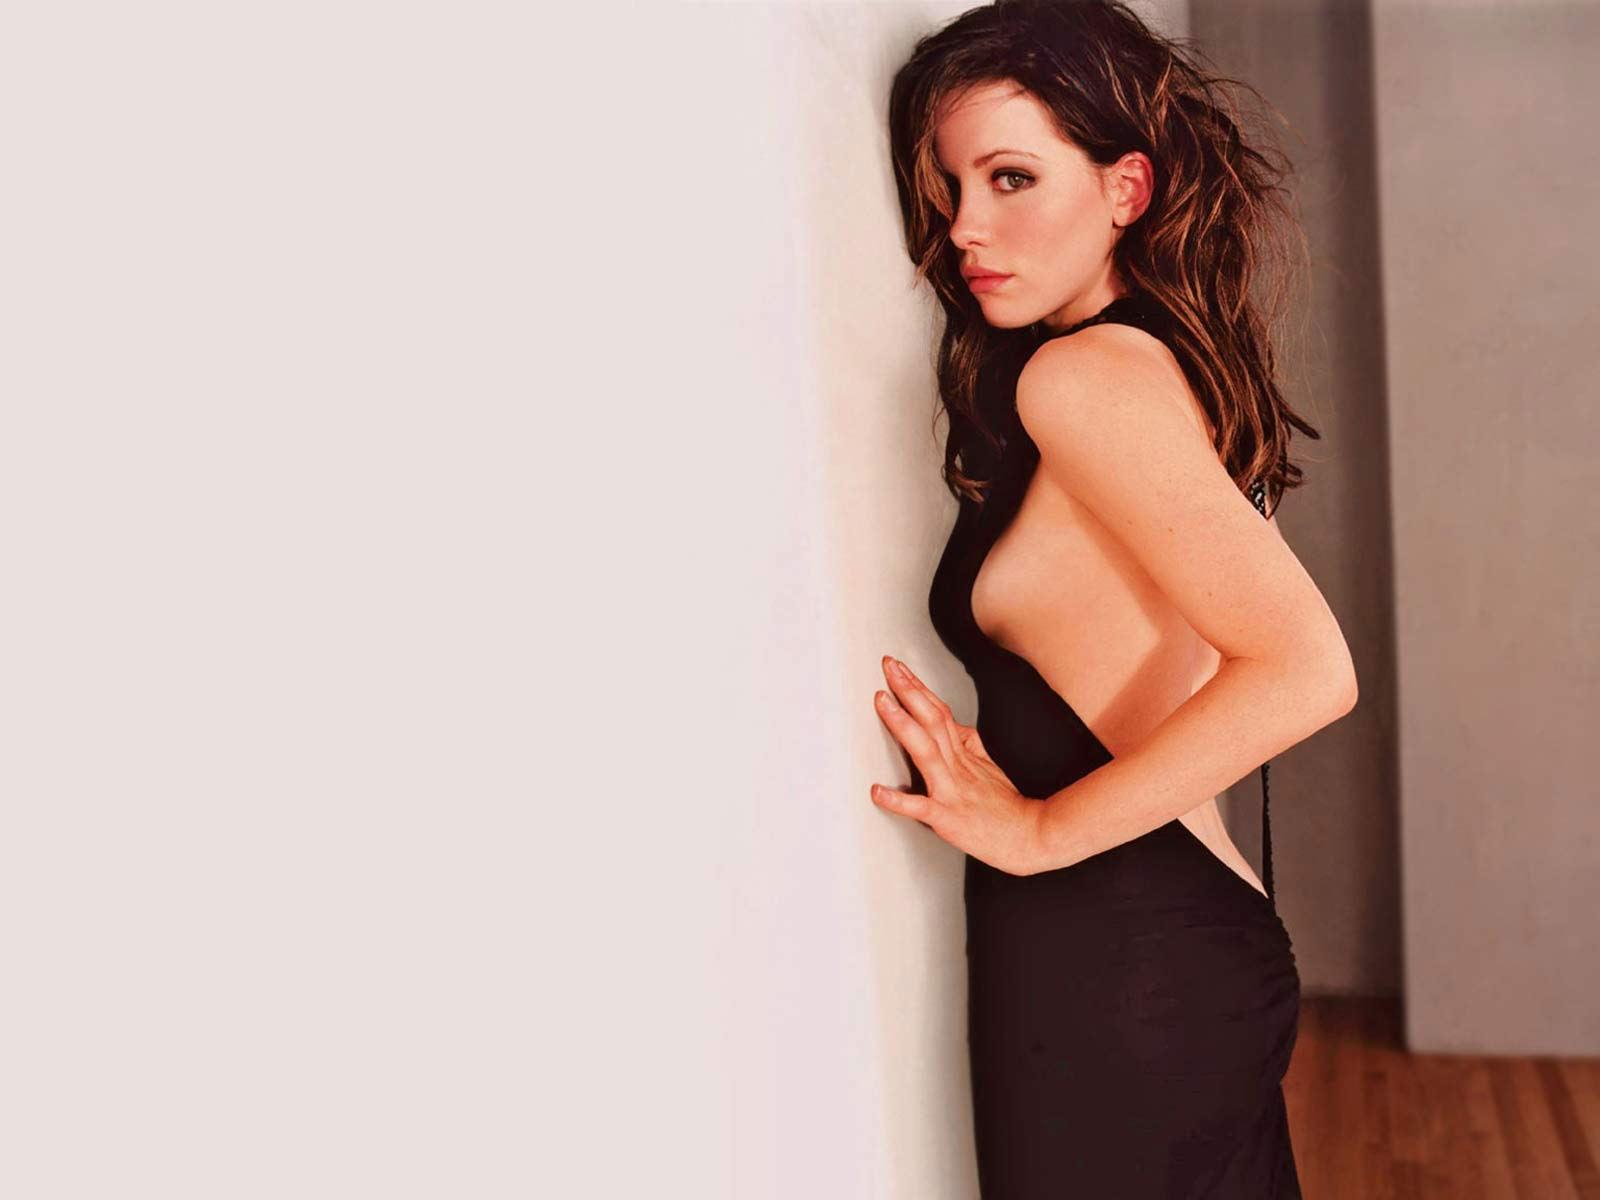 WB8kkxj-The-Super-Sexy-Kate-Beckinsale-59-Photos-s1600x1200-428777.jpg